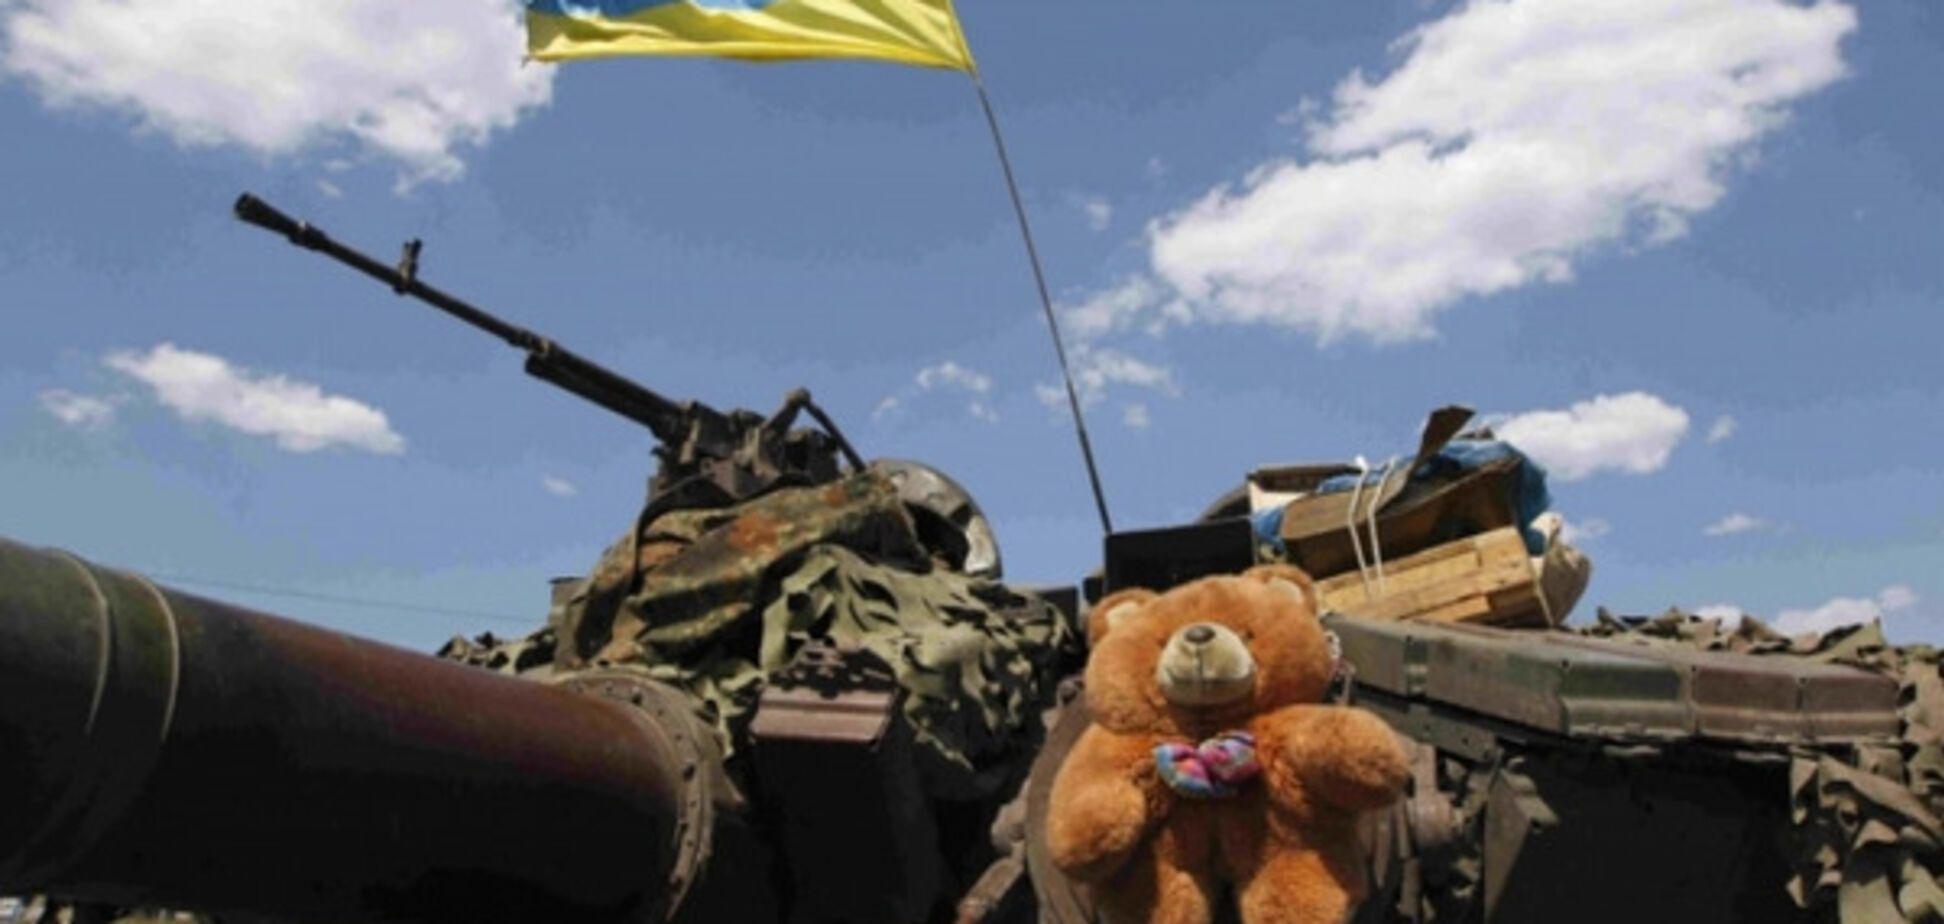 украинские военные, танк, флаг